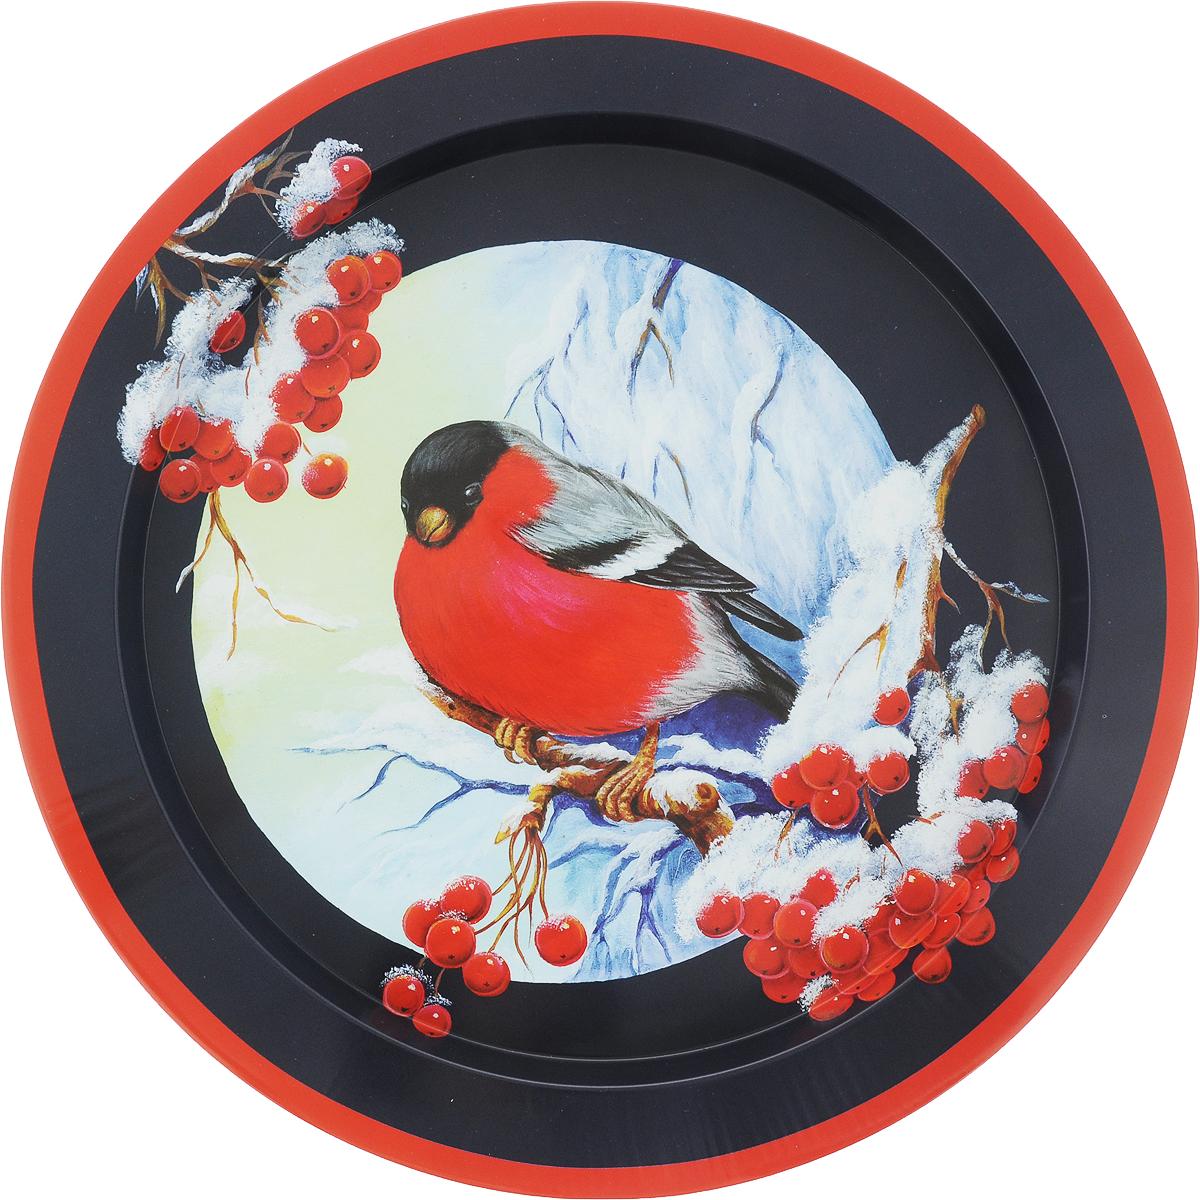 Поднос Снегирь, диаметр 37,9 см1617214_снегирьЖестяной поднос Снегирь с изящной росписью - дань уважения традициям и забота о комфорте. Такой поднос сэкономит время при переносе посуды, позволит защитить руки от ожогов, сбережет поверхность от повреждения горячей посудой. Предмет станет украшением кухни и внесет свежую нотку в привычный интерьер. Подносы от Рязанской фабрики жестяной упаковки - это сочетание качества и элегантности на протяжении уже многих лет.